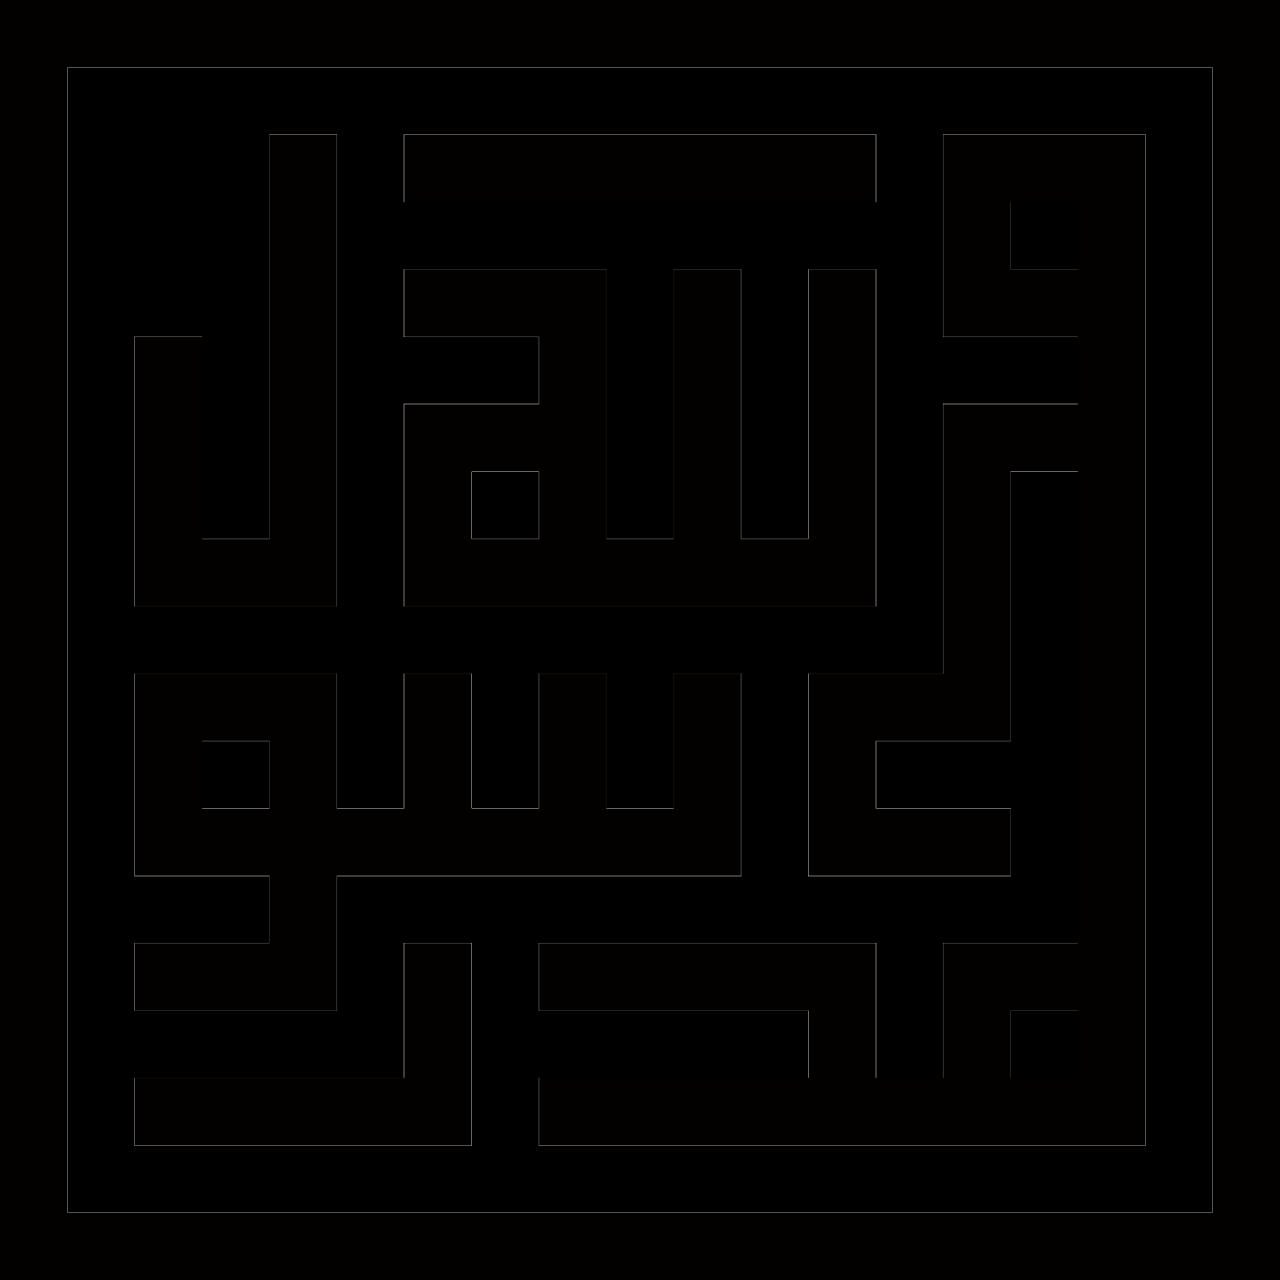 بالصور بحث شامل عن الخط العربي 20160728 4